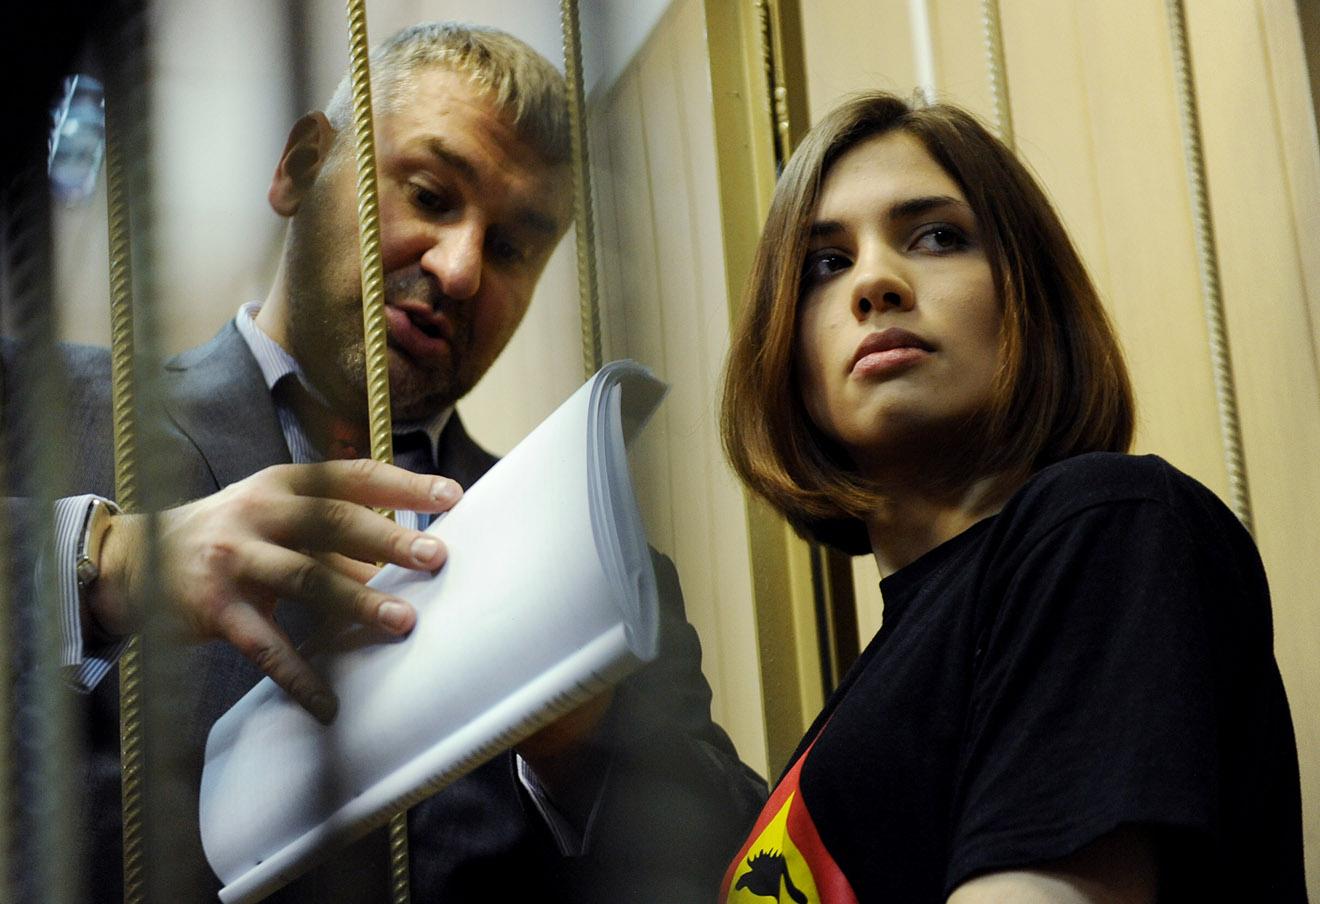 Марк Фейгин и Надежда Толоконникова, 2012 год. Фото: Сергей Карпов / ТАСС